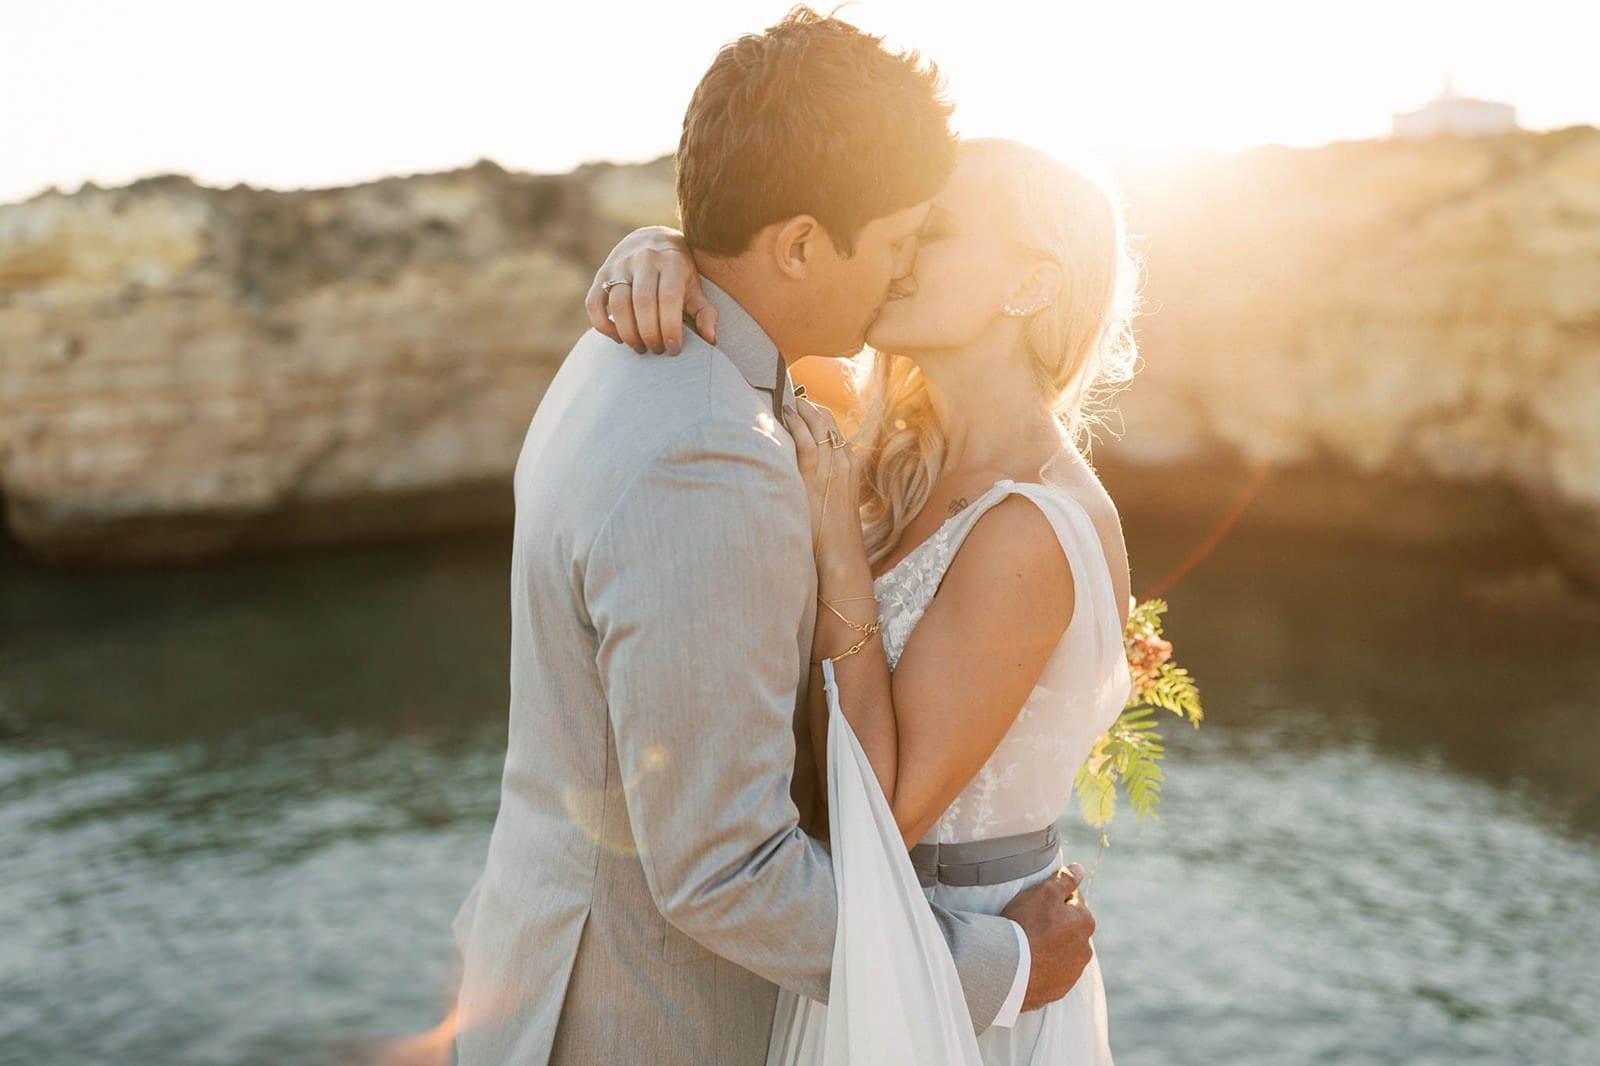 adventurous ceremony to renew vows